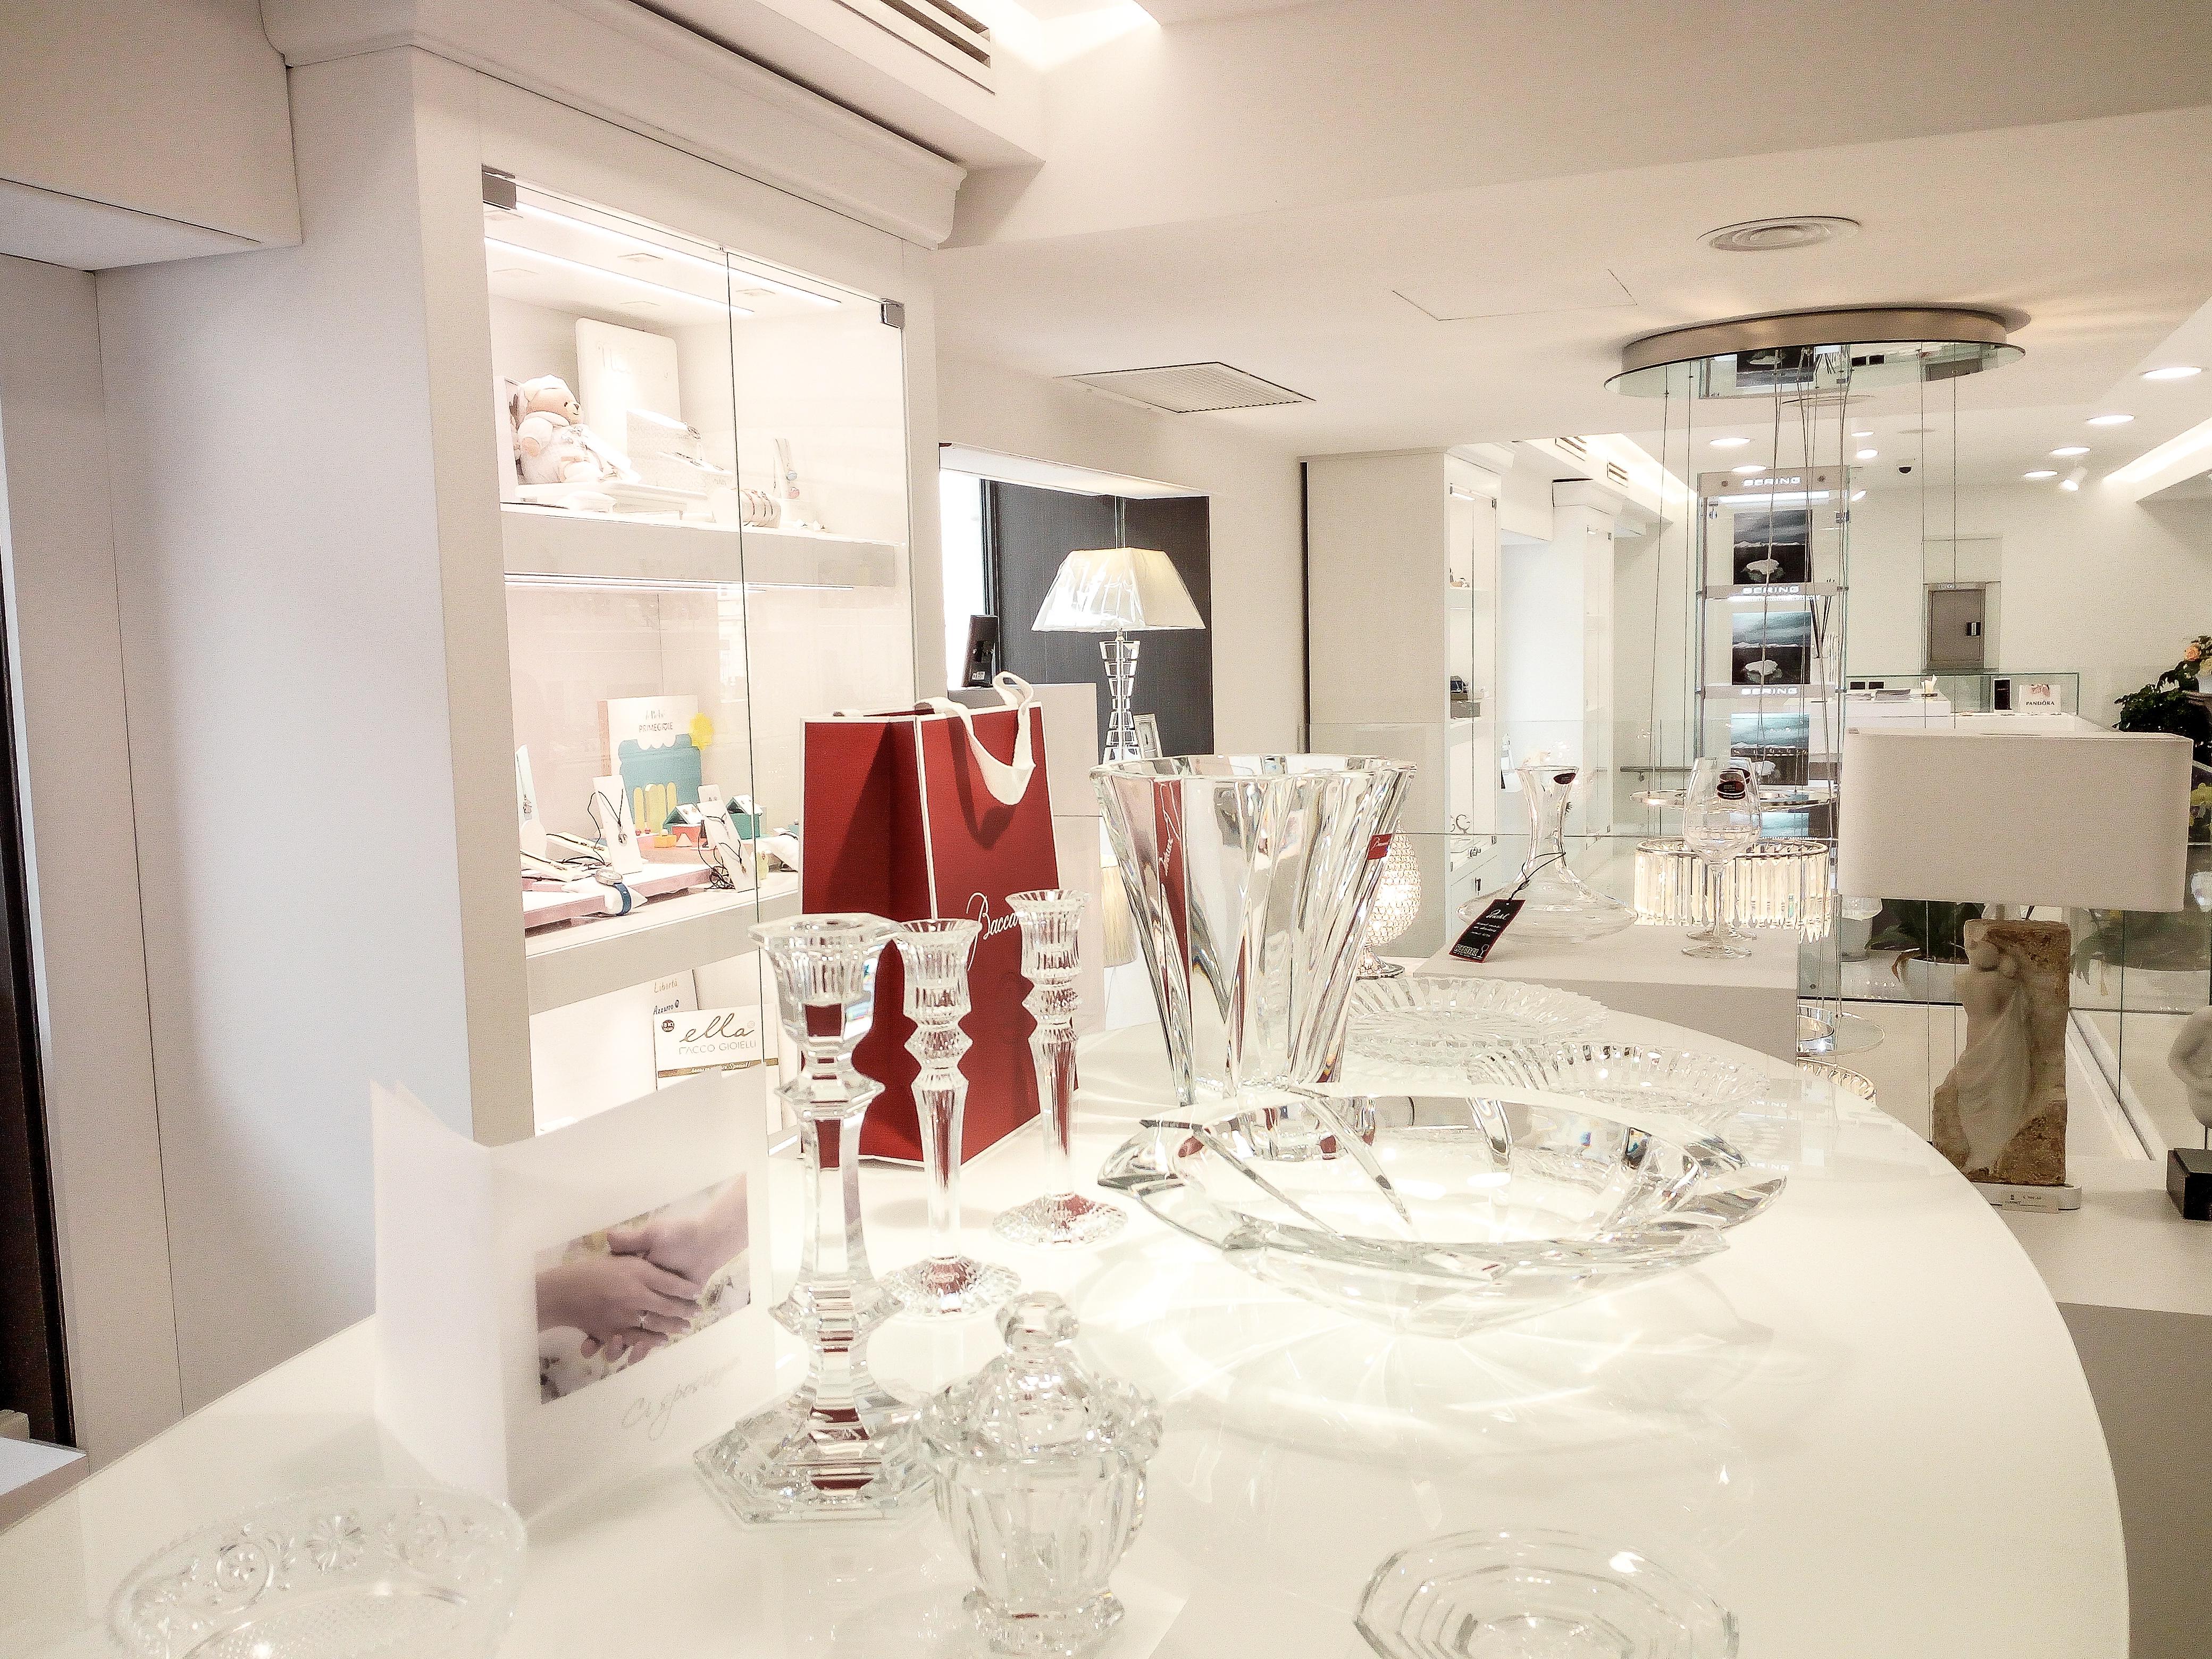 Arredo gioielleria, oggettistica, argenteria e bigiotteria, banco esposizione, vetrina illuminata